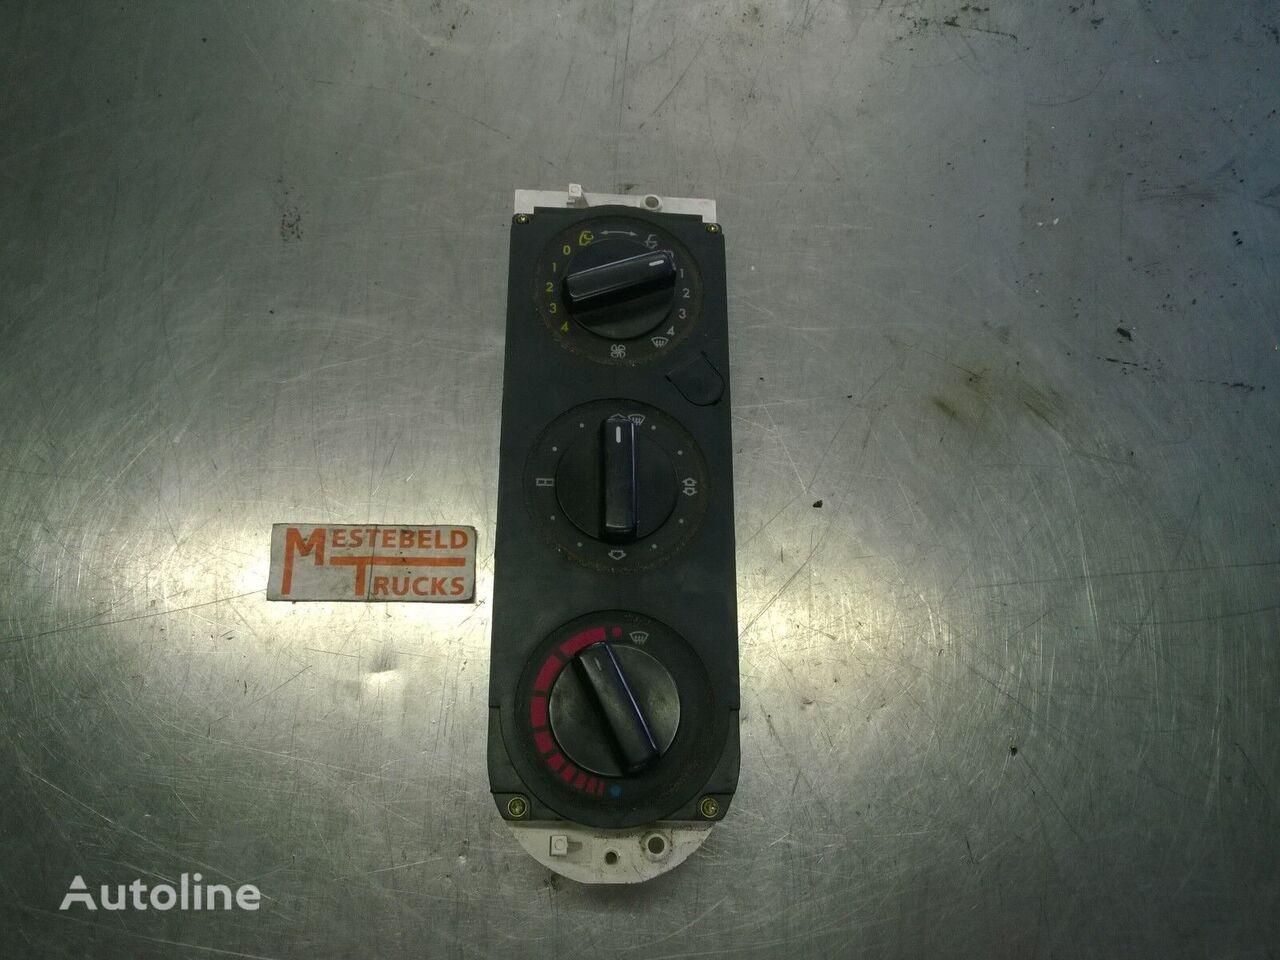 панель приборов MERCEDES-BENZ Kachelregelunit для грузовика MERCEDES-BENZ Kachelregelunit